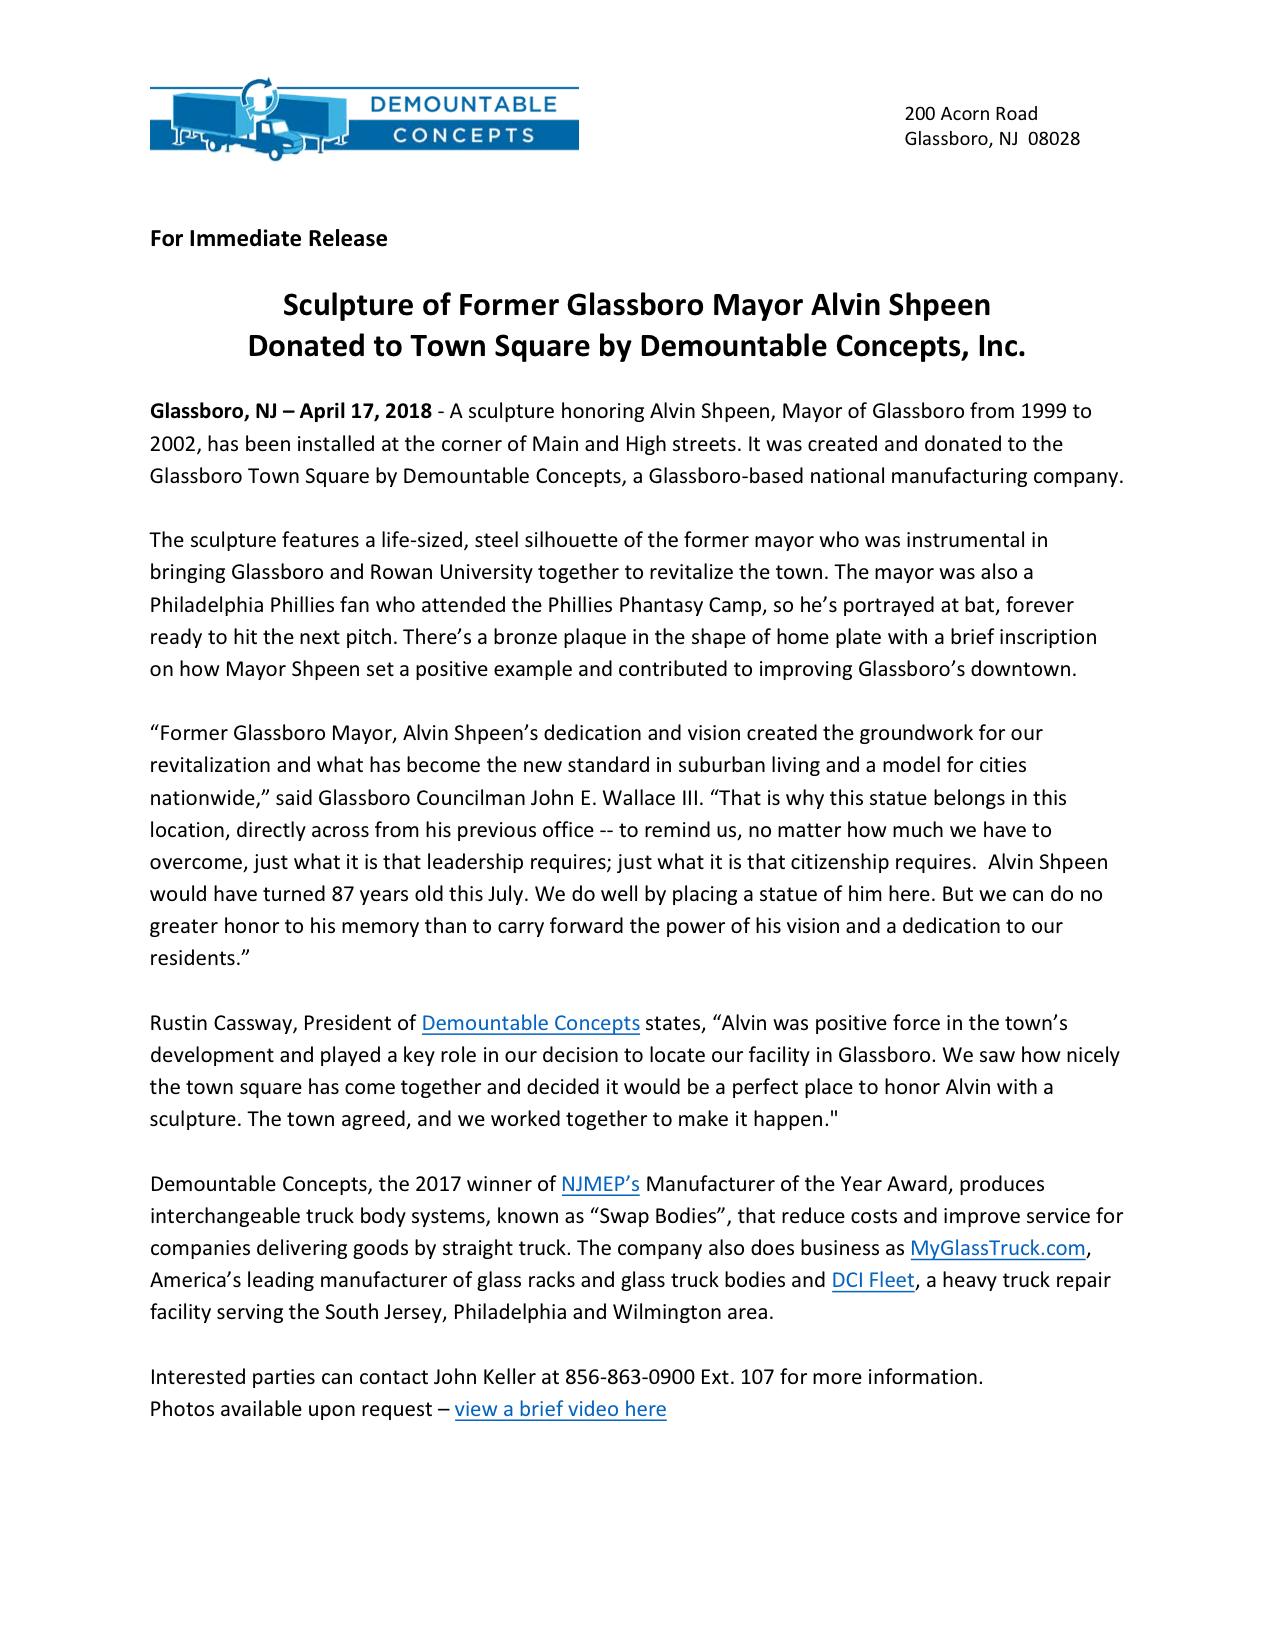 Sculpture-Donation-Press-Release.jpeg